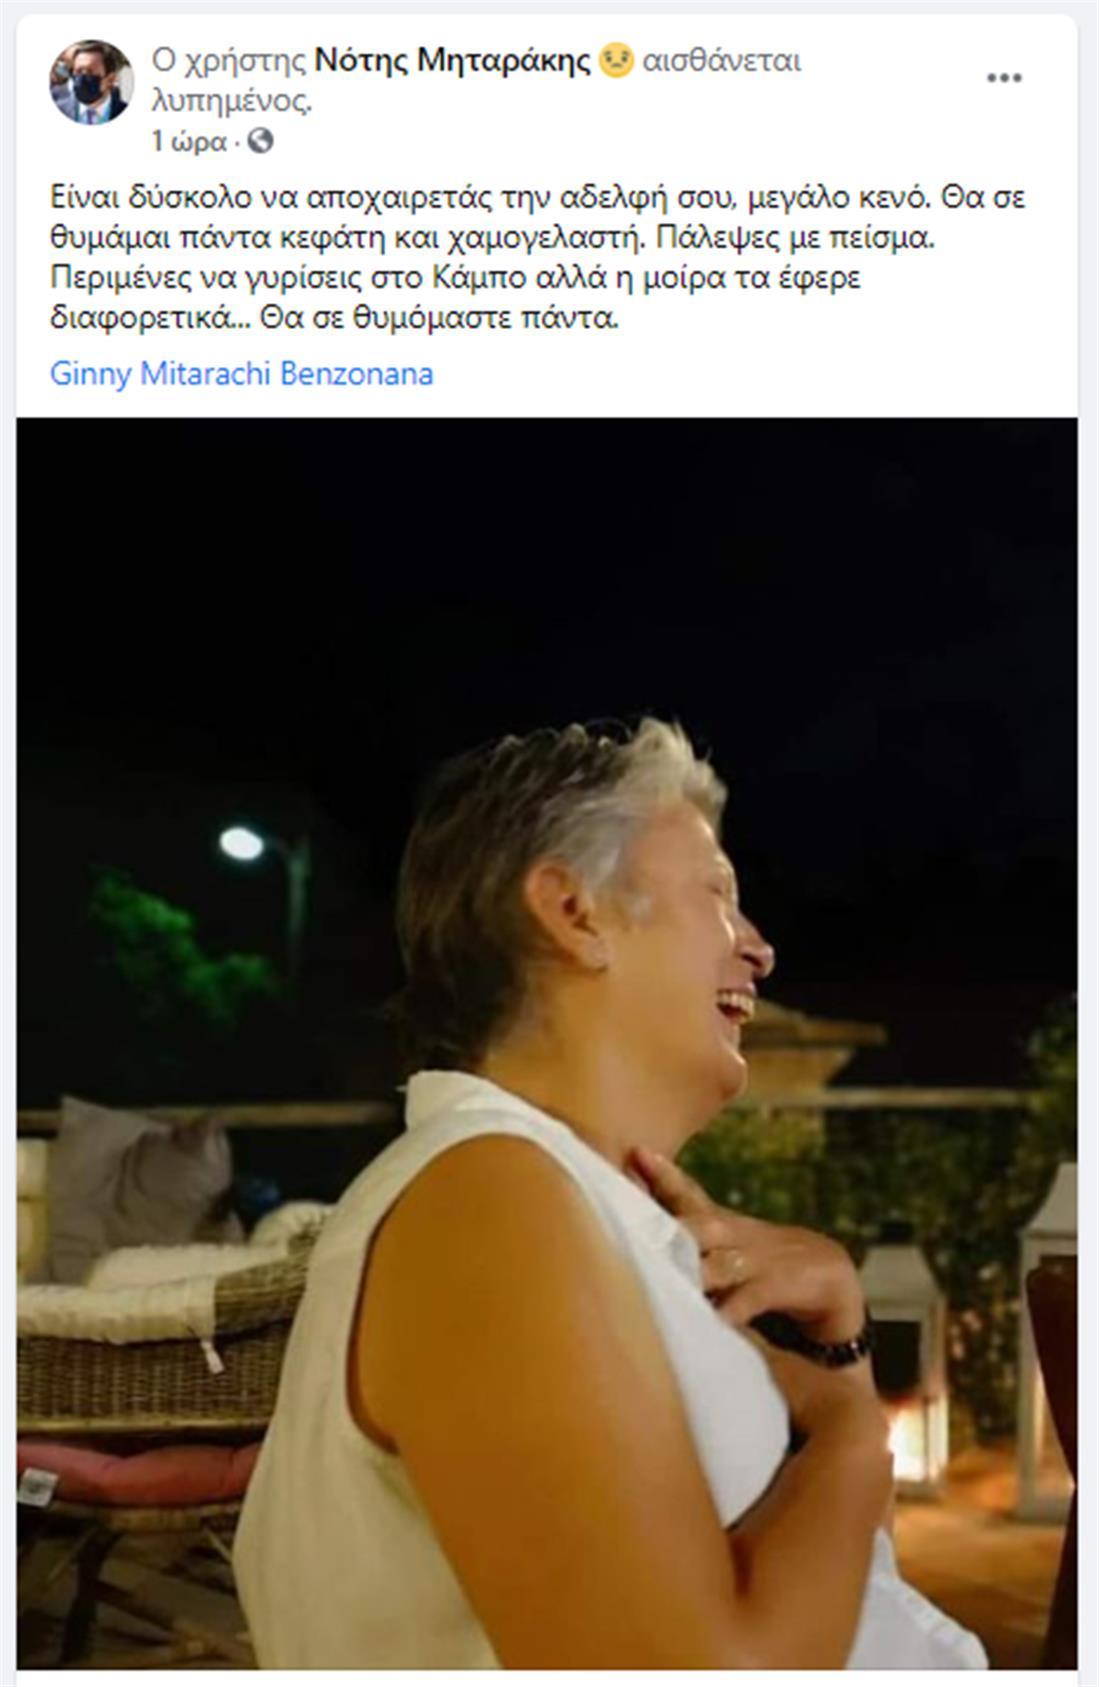 Νότης Μηταράκης - facebook